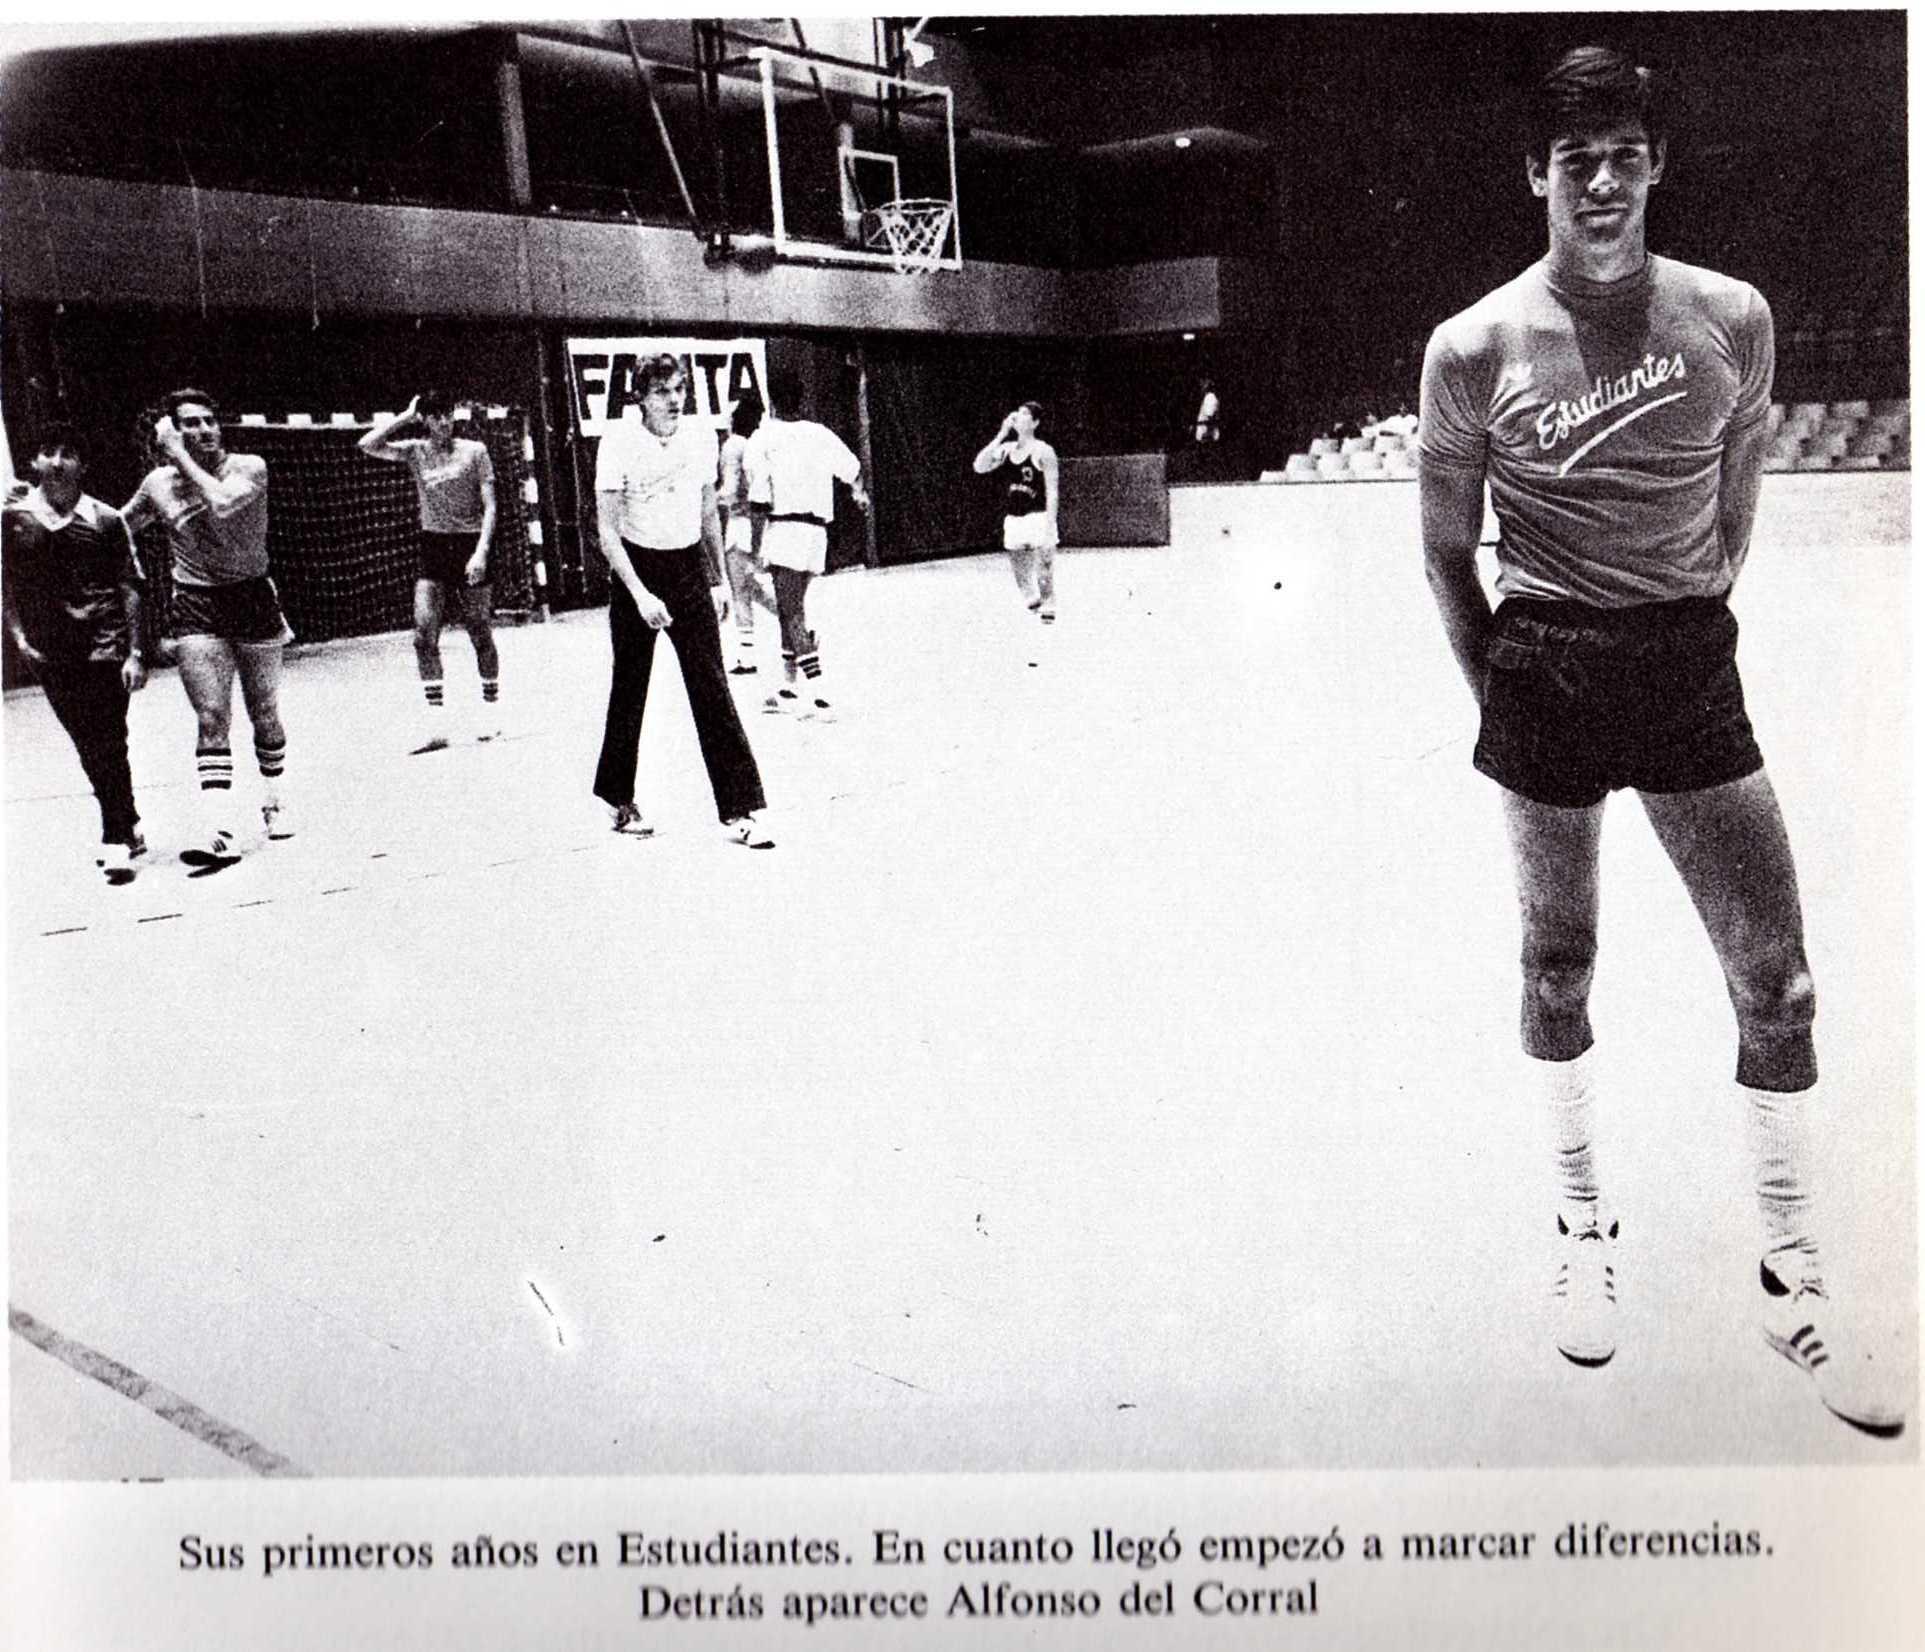 Test: Fernando Martín en el Estu